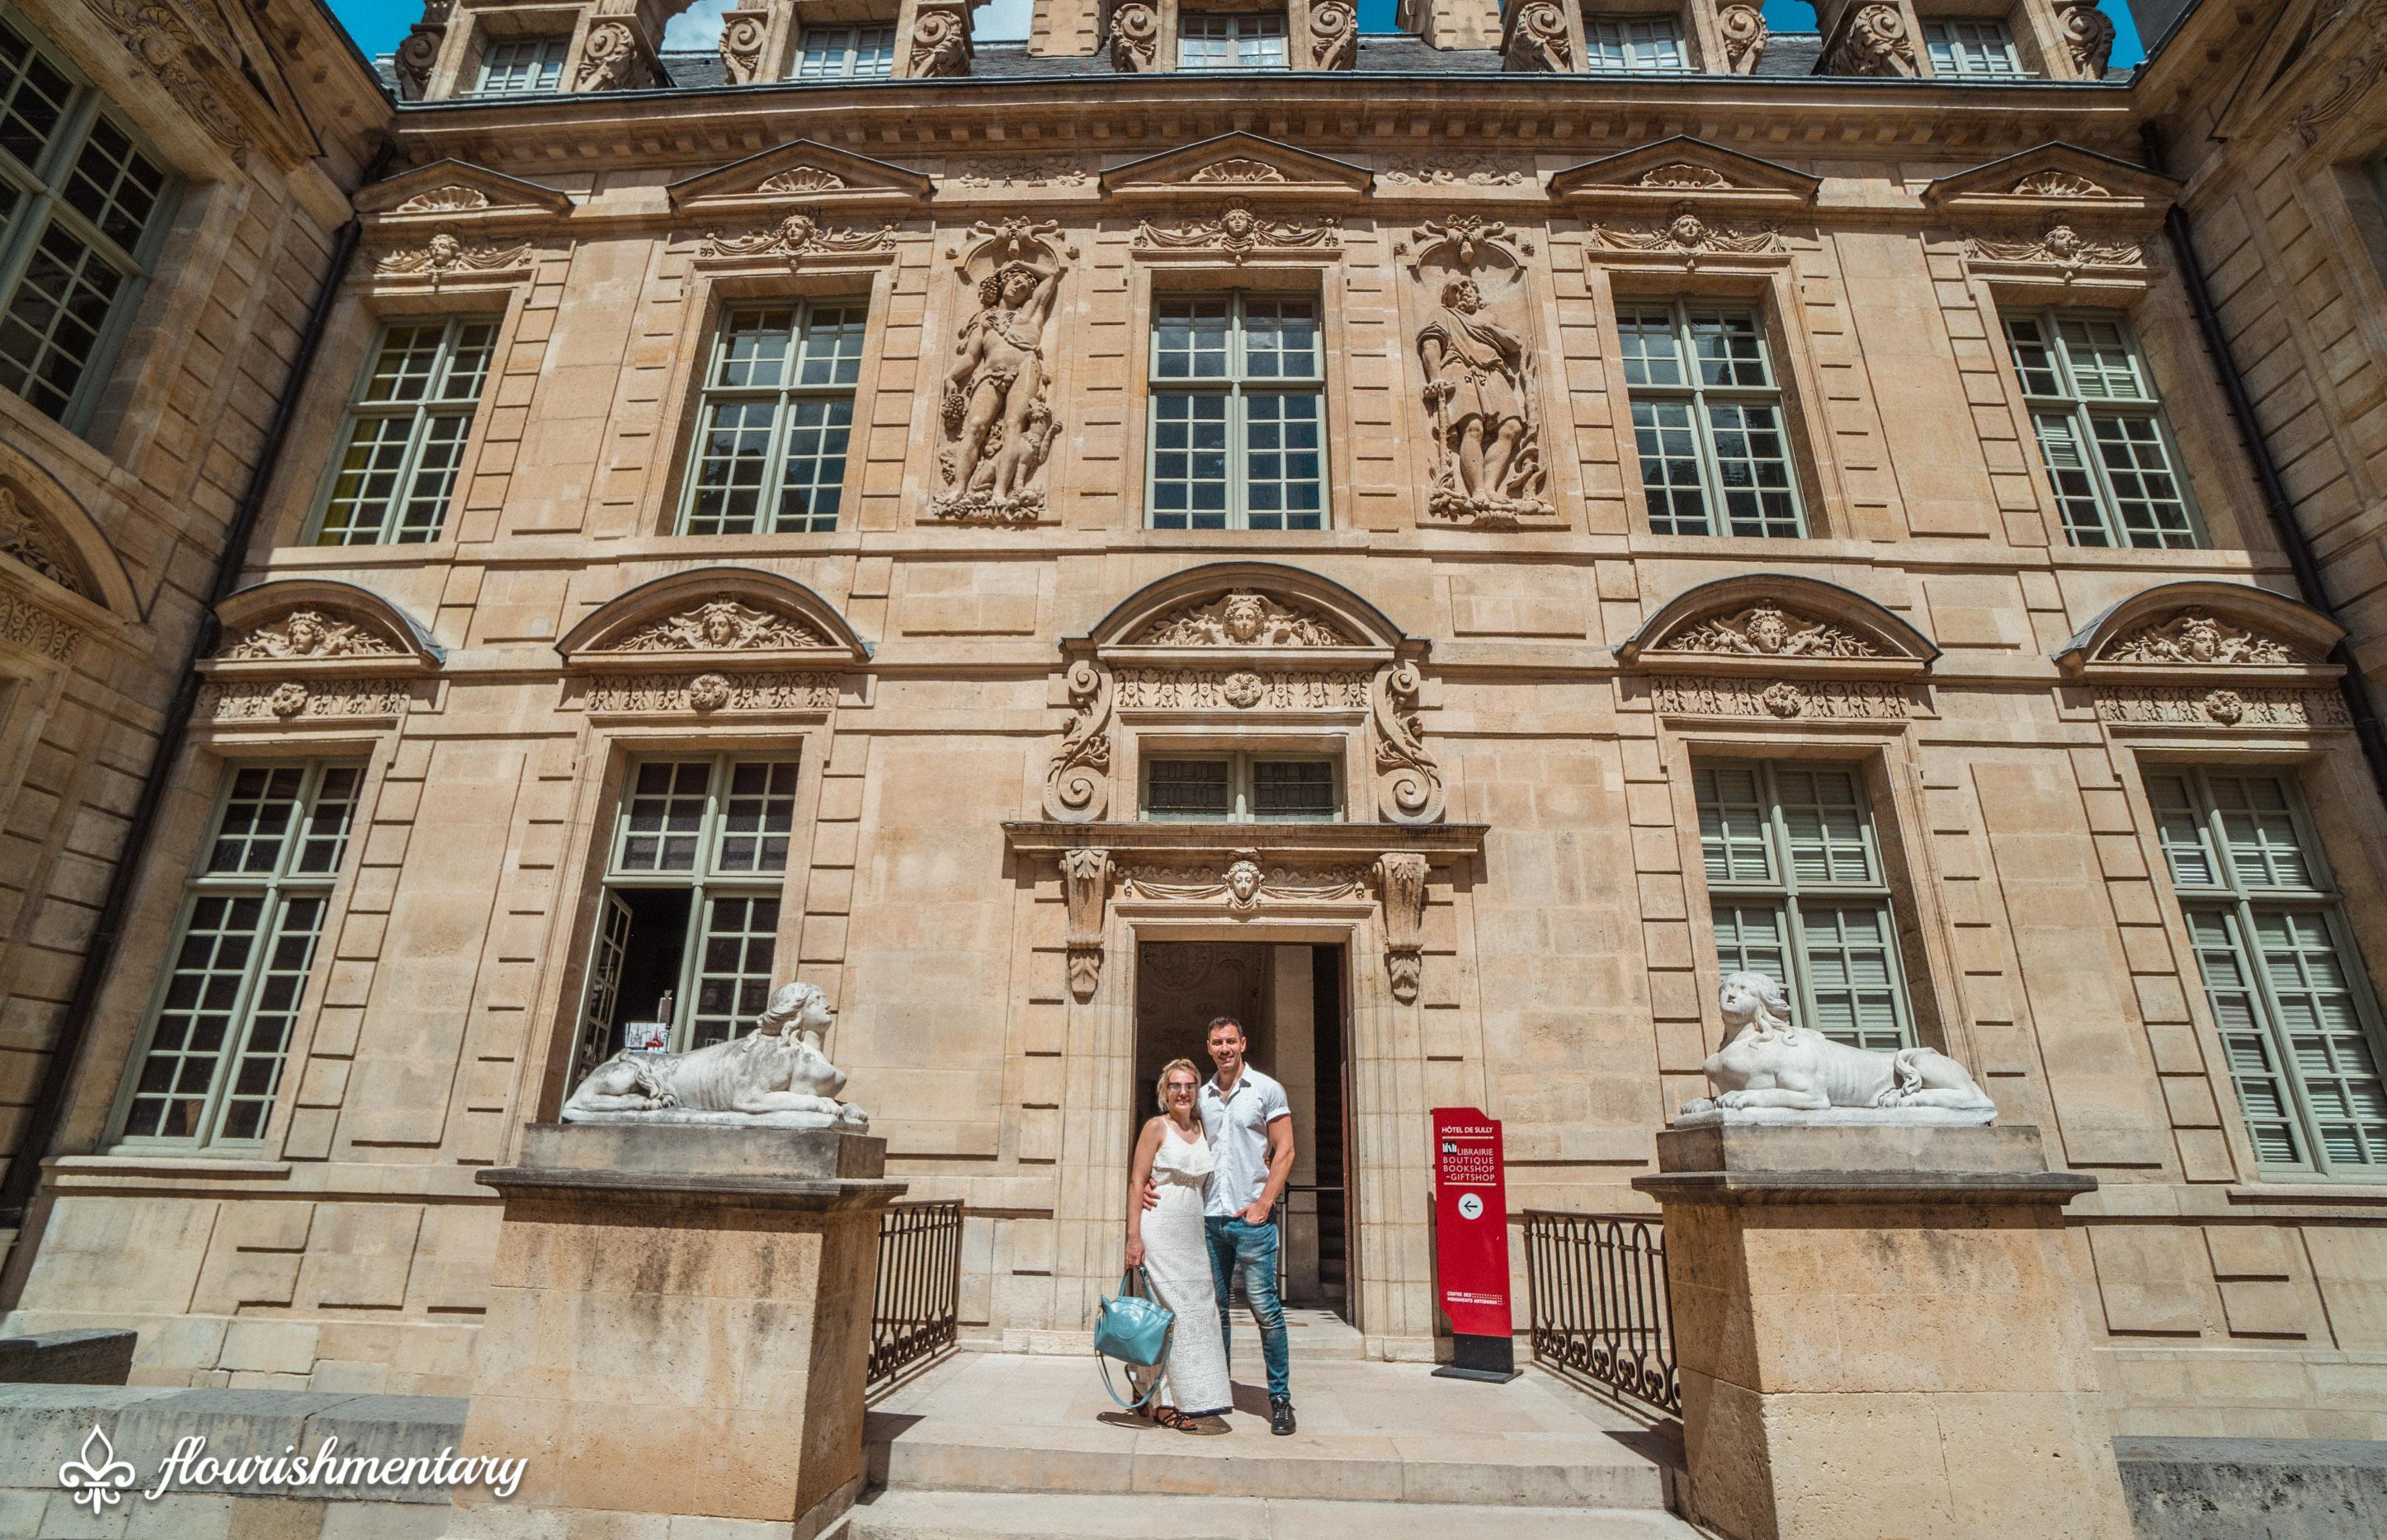 the Hôtel de Sully